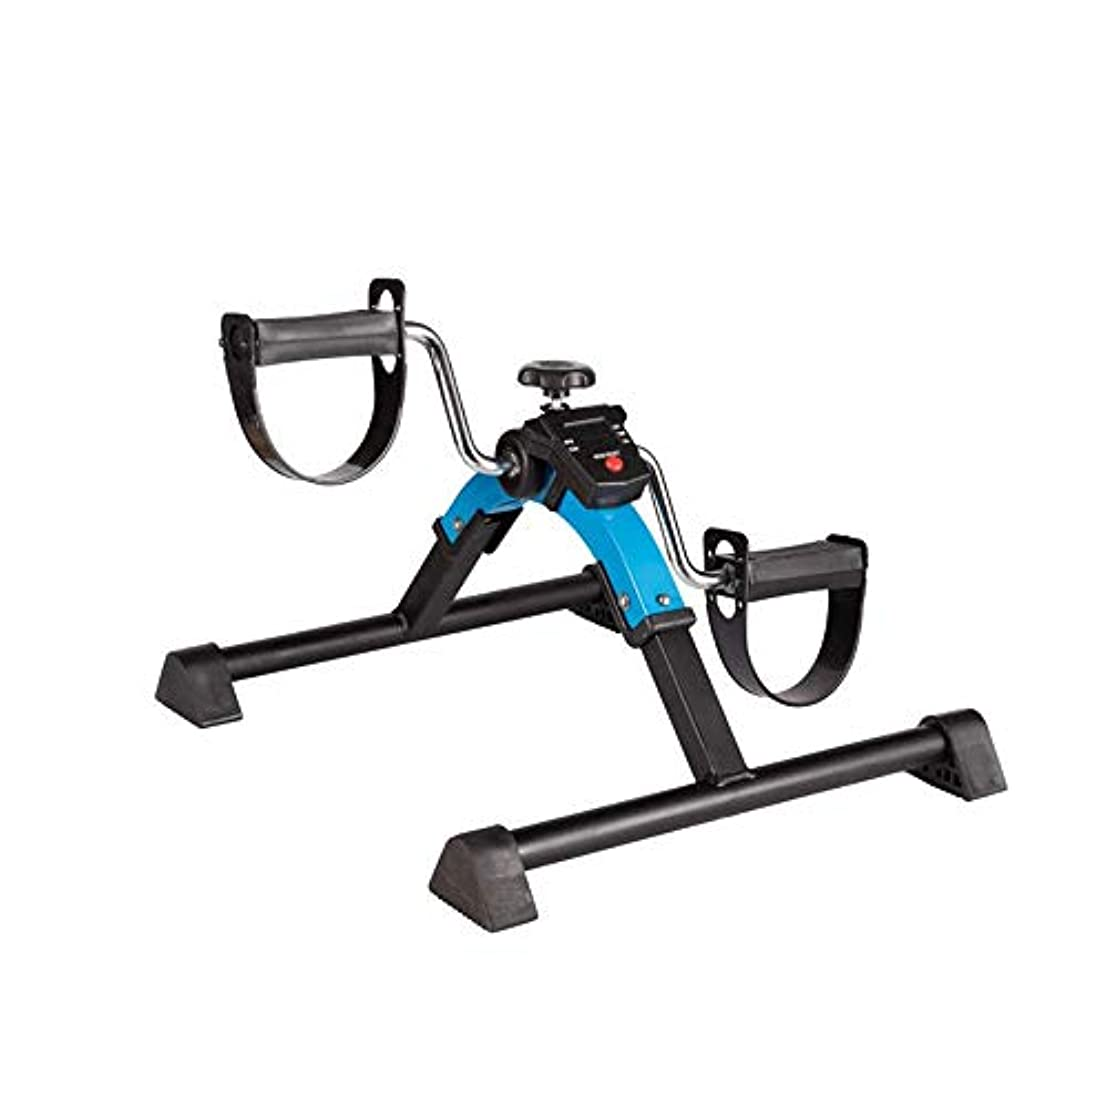 上肢および下肢エクササイズペダル、レッグマシン、リハビリトレーニング機器、脳卒中、片麻痺、手足、二重使用自転車